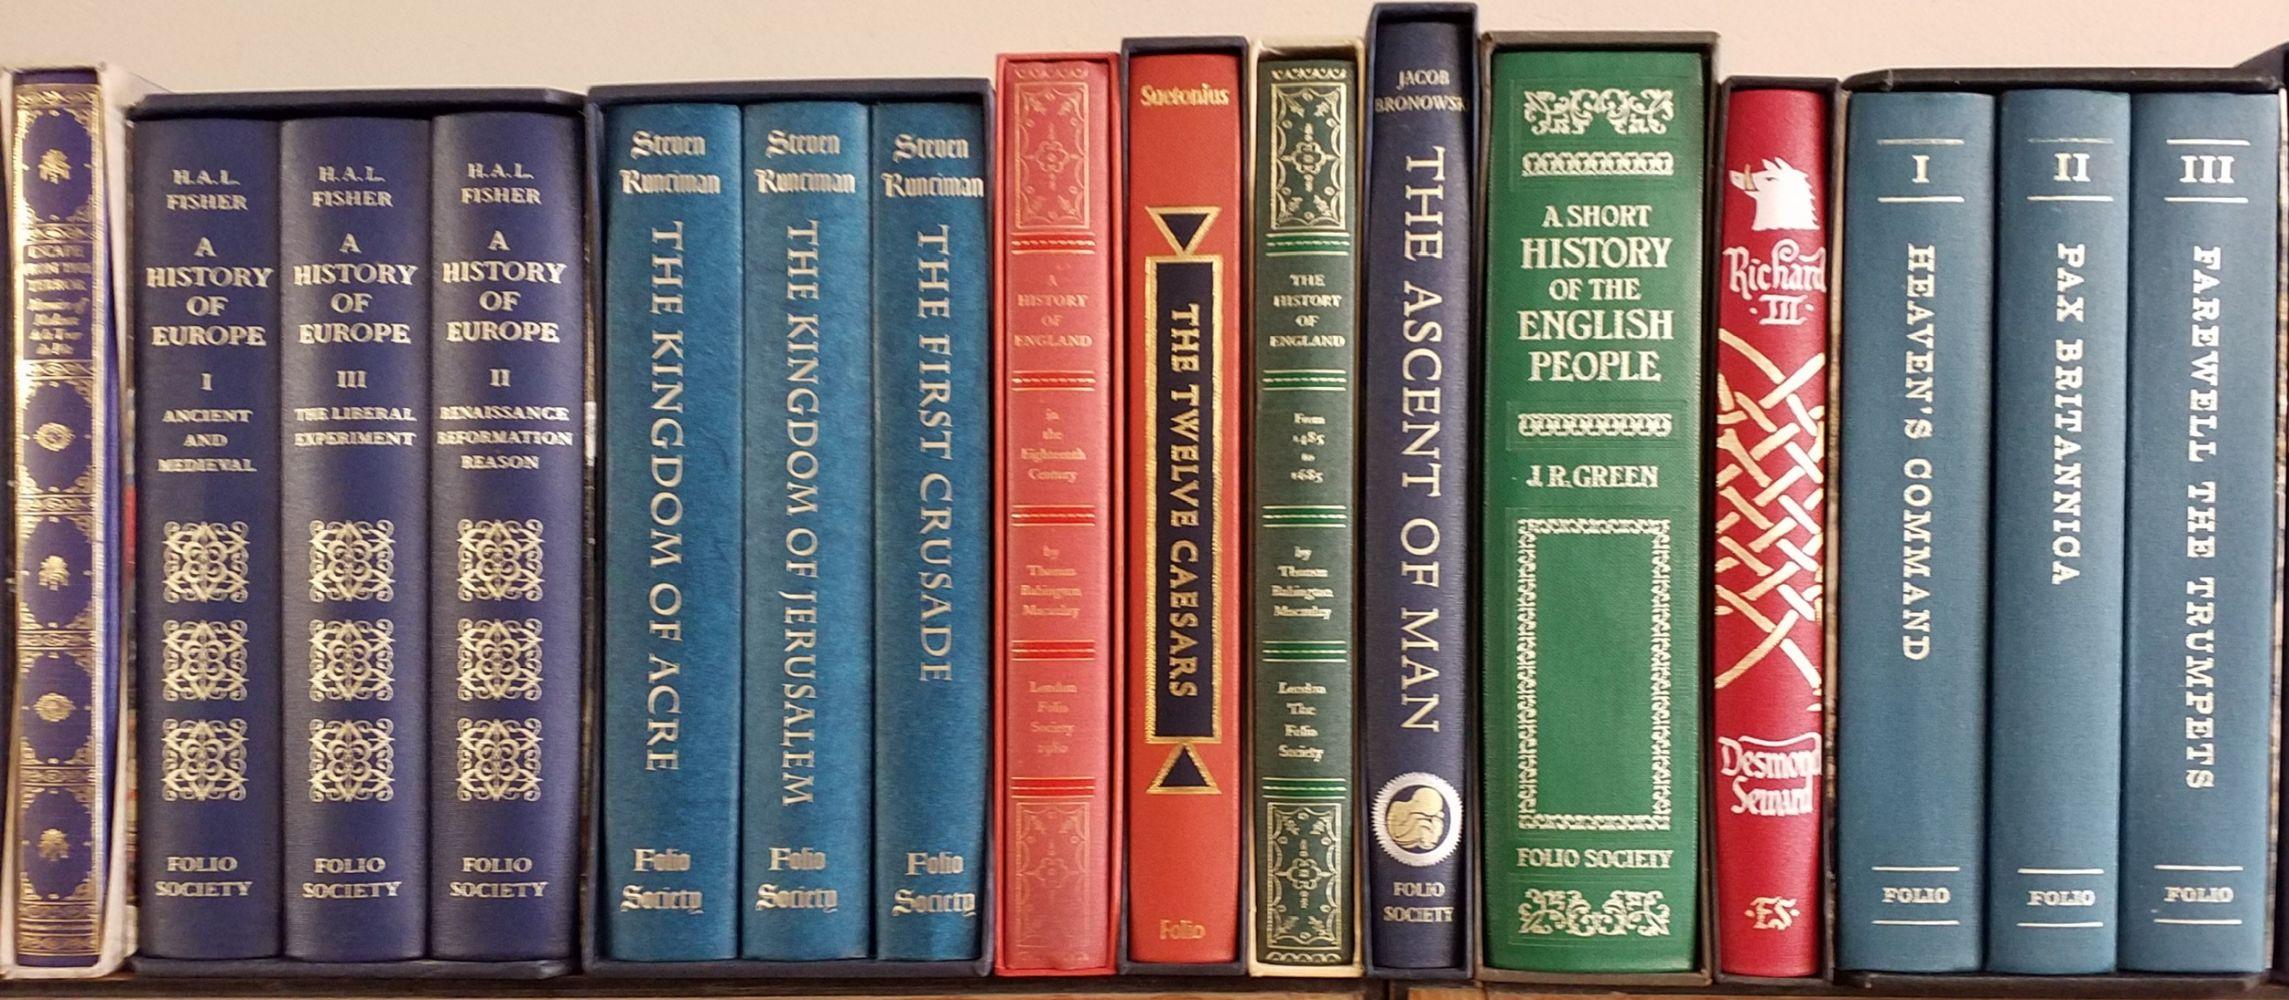 Folio Society. 55 volumes